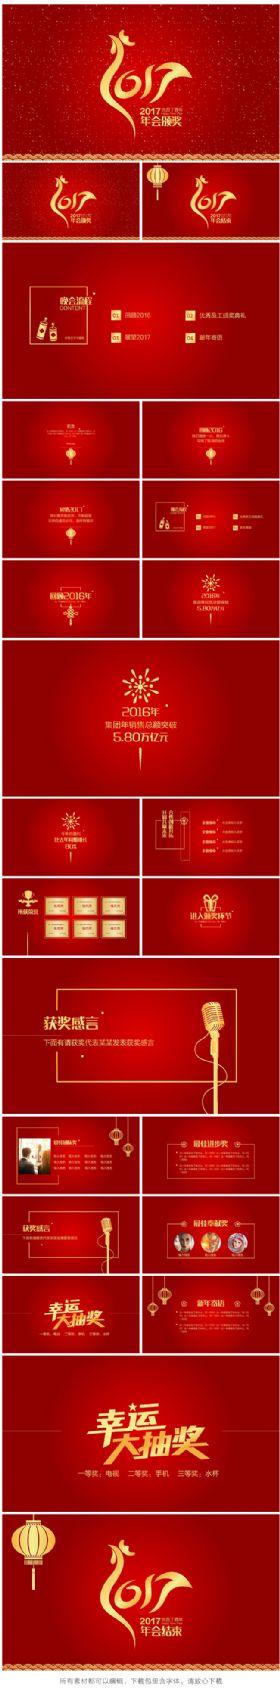 [最新推荐]2017开门红企业年会颁奖PPT模板